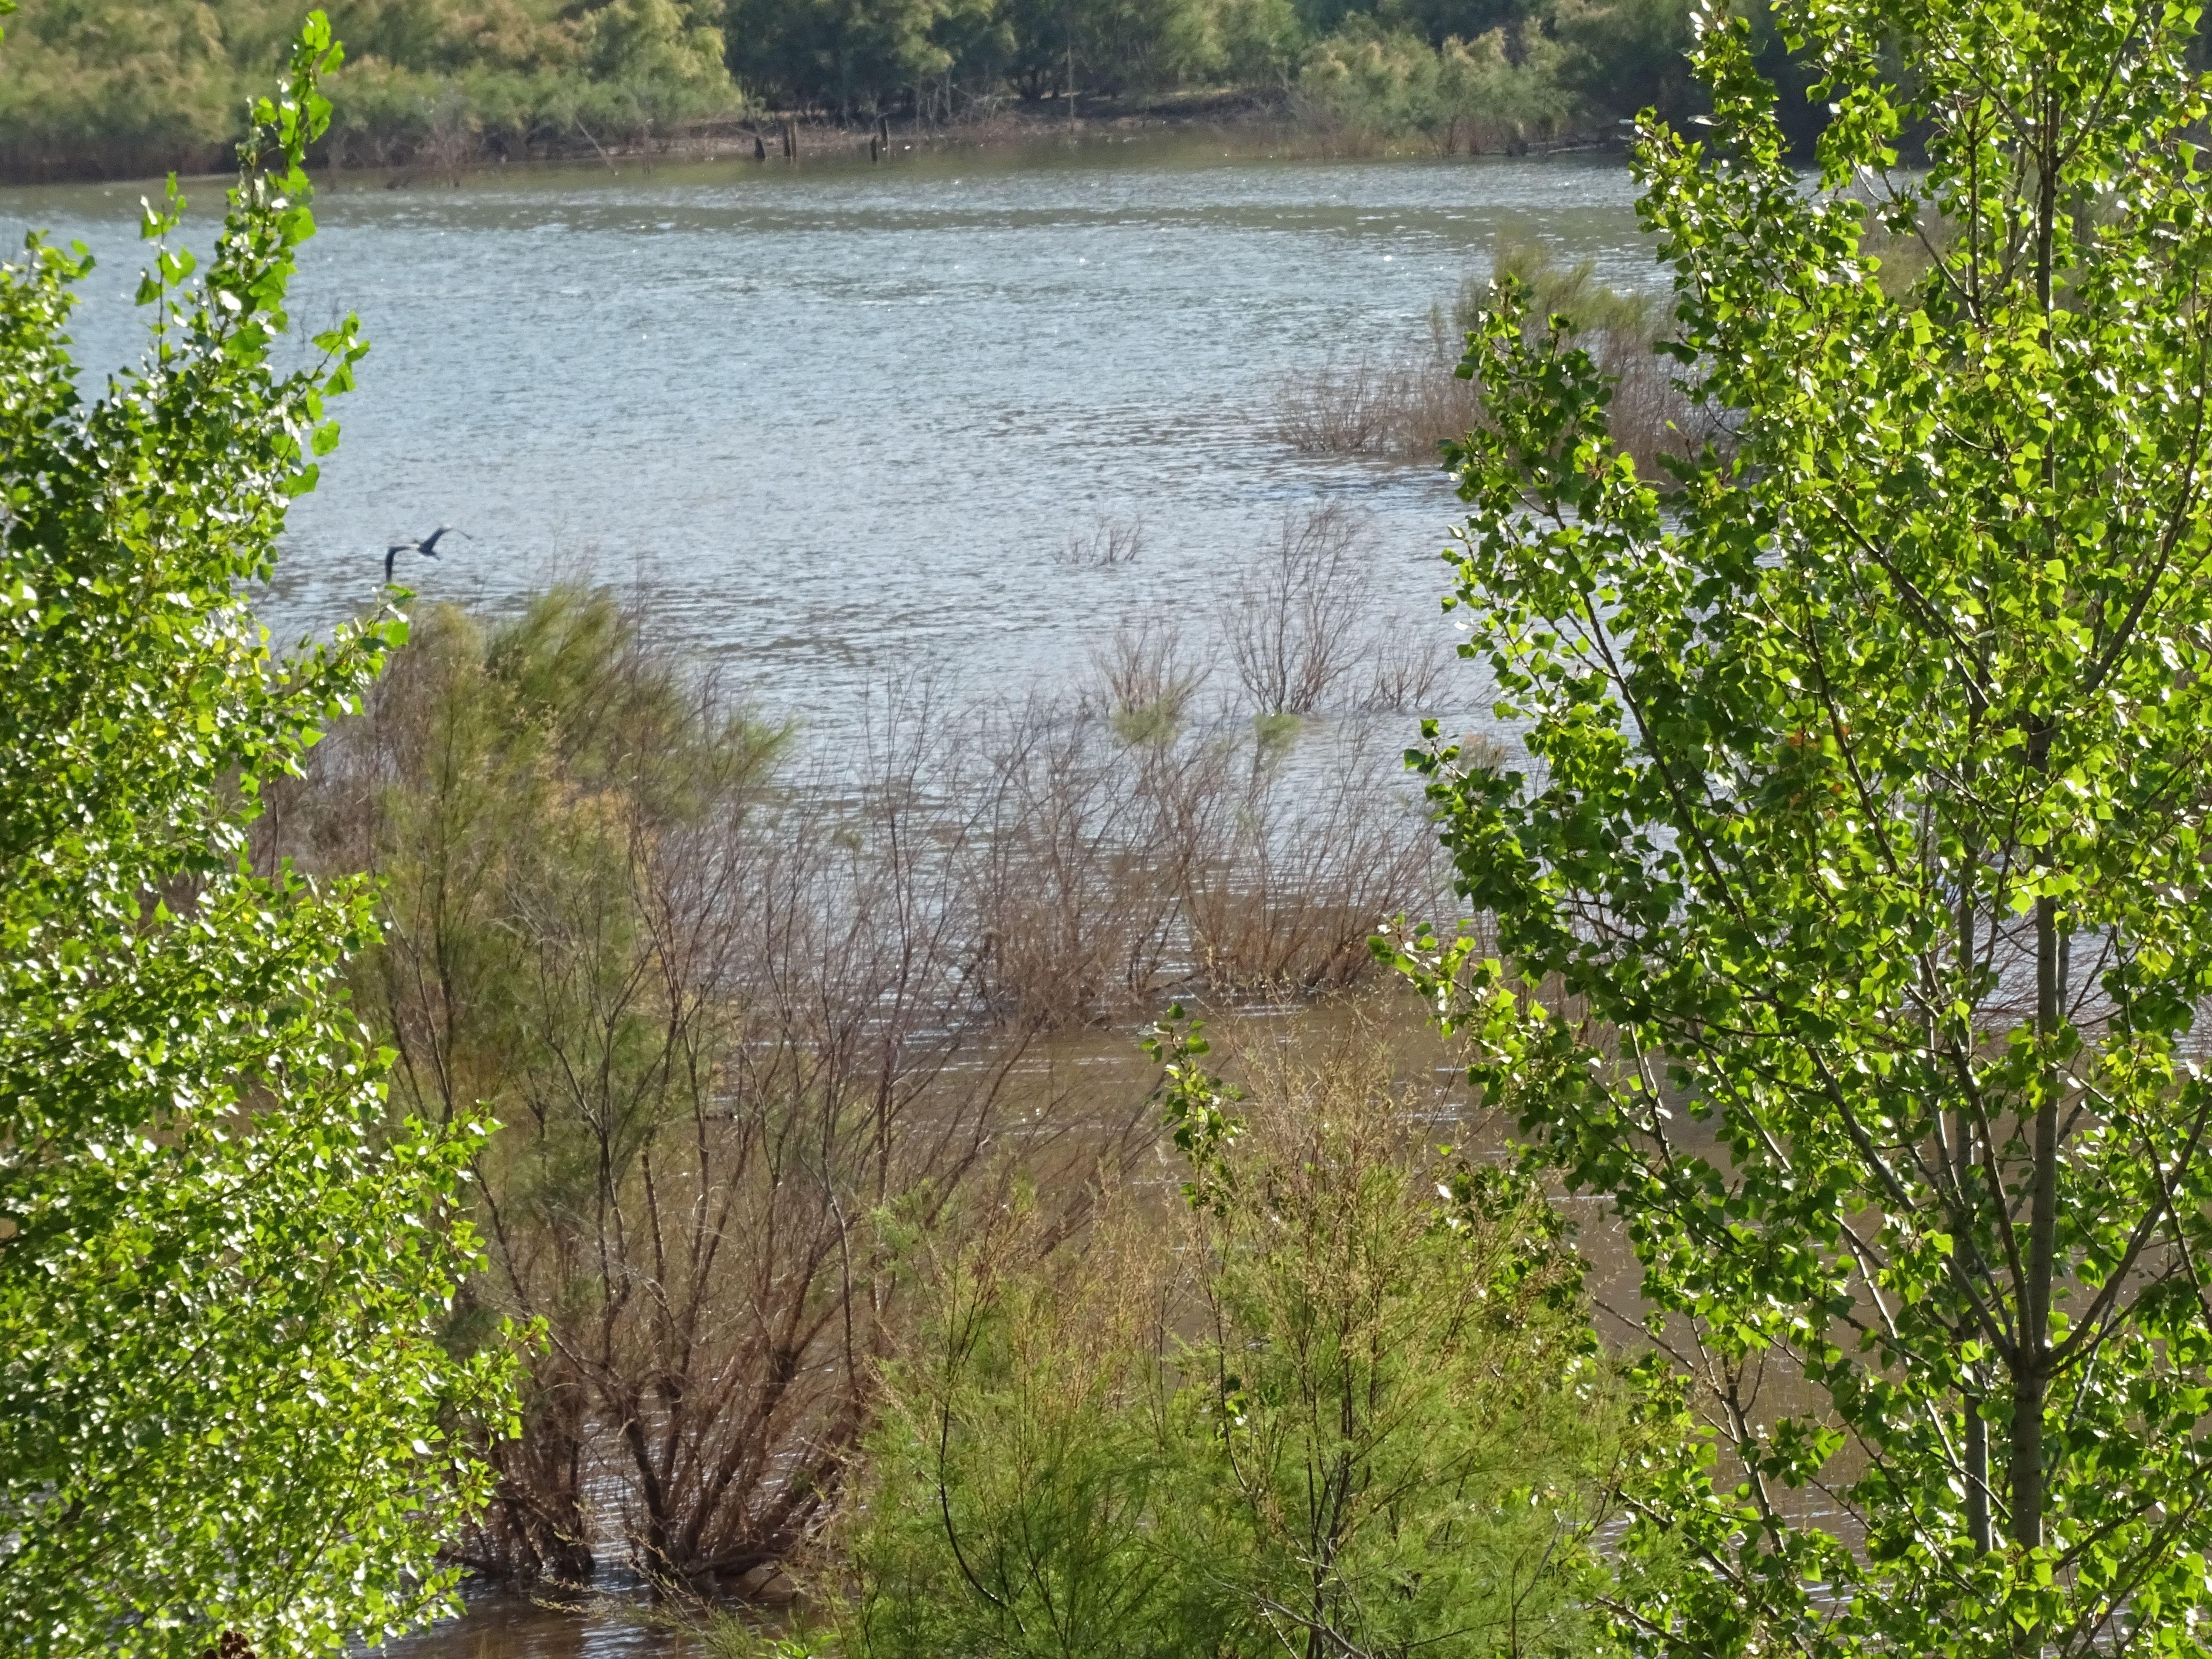 Vemos el pantano de El atance con sus aguas verdosas entre los bosques de chopos y tarays, una garza está levantando el vuelo. La imagen inspira paz